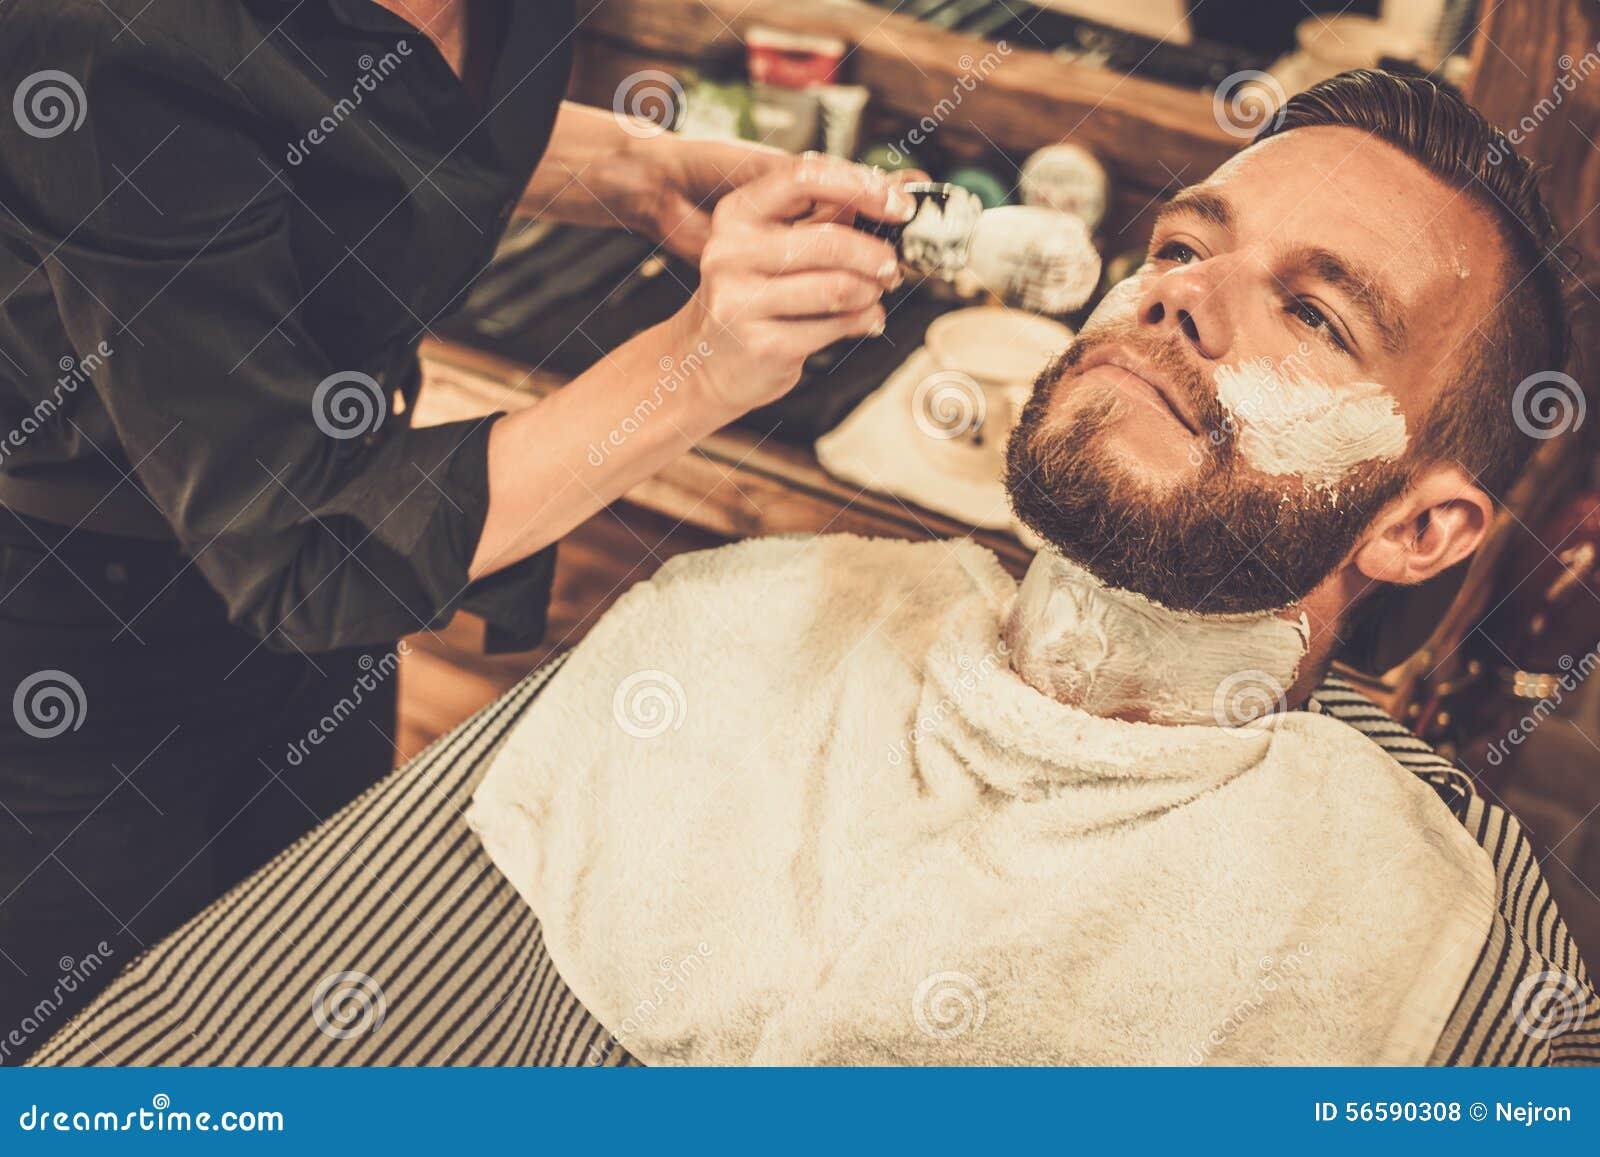 man in a barber shop stock photo image 56590308. Black Bedroom Furniture Sets. Home Design Ideas